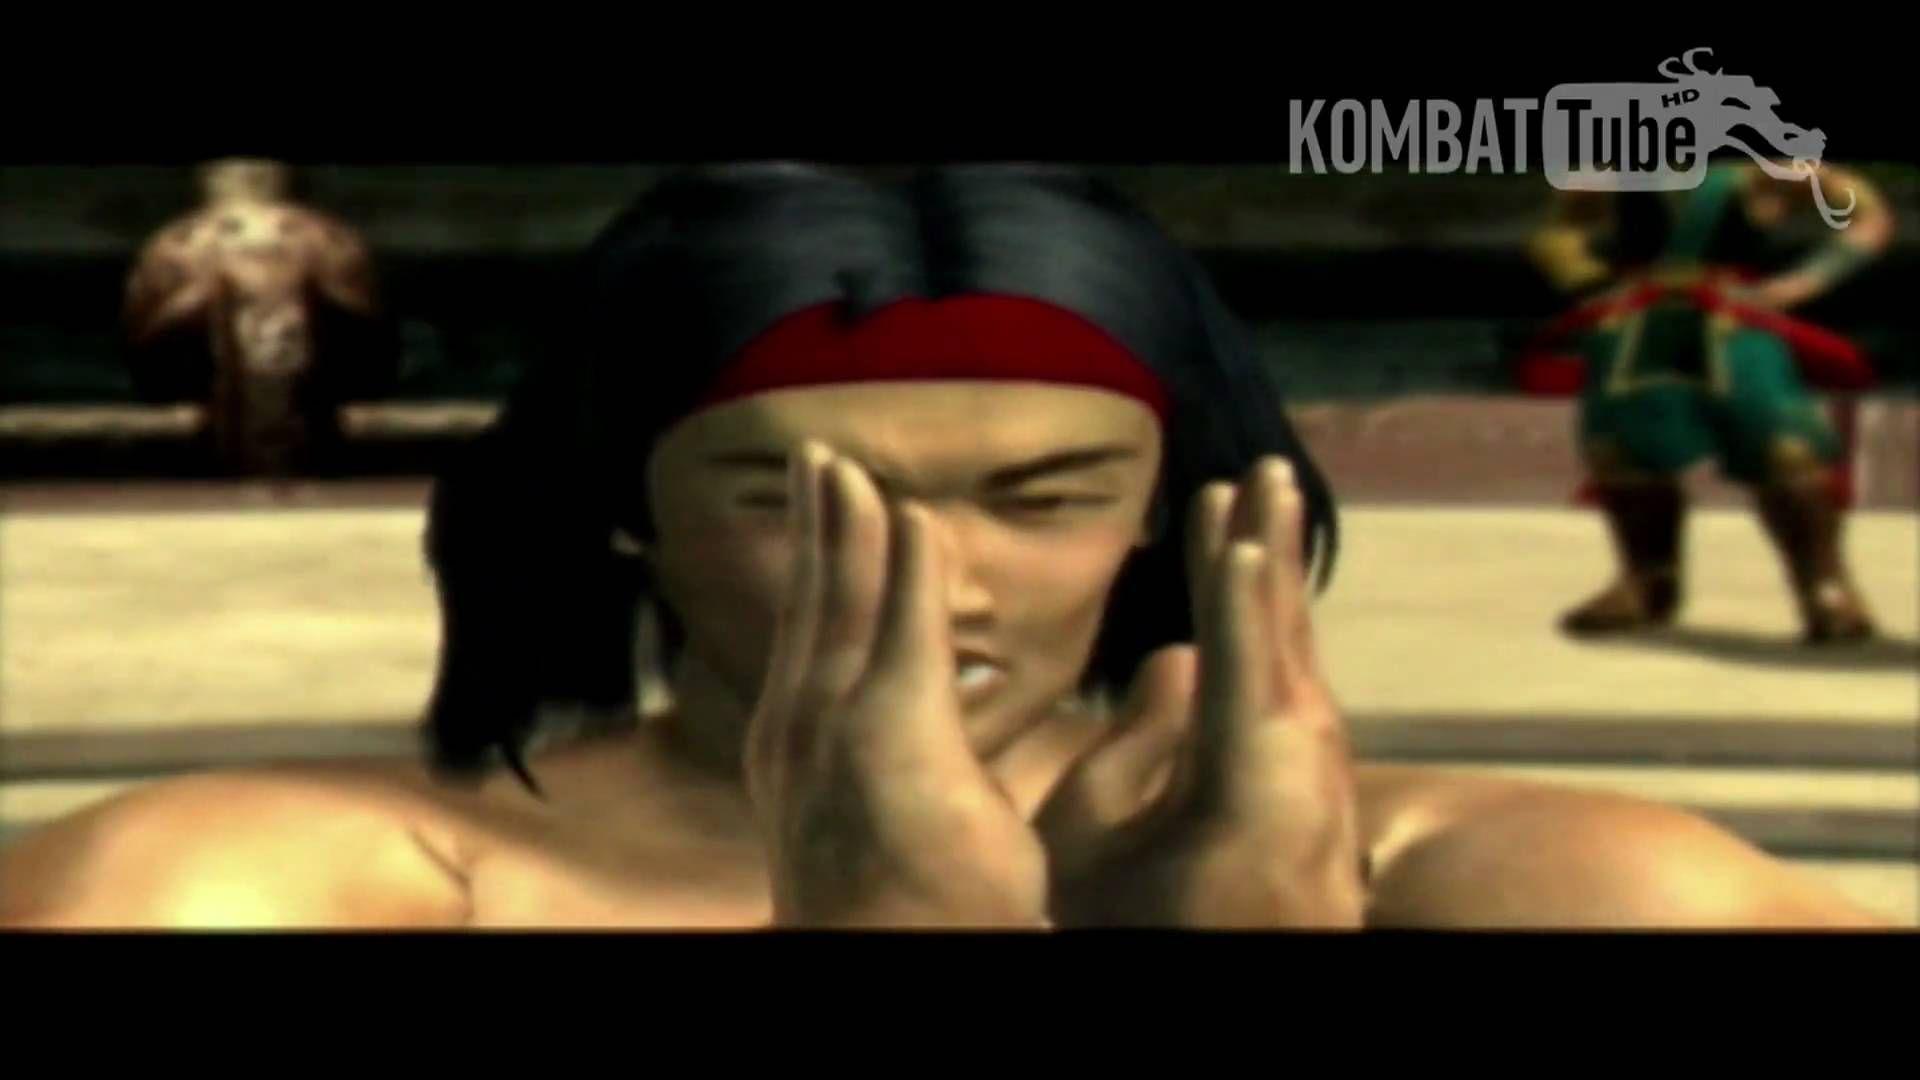 ¿Quién mató a Liu Kang antes de la alteración de tiempo de Raiden en MK9?